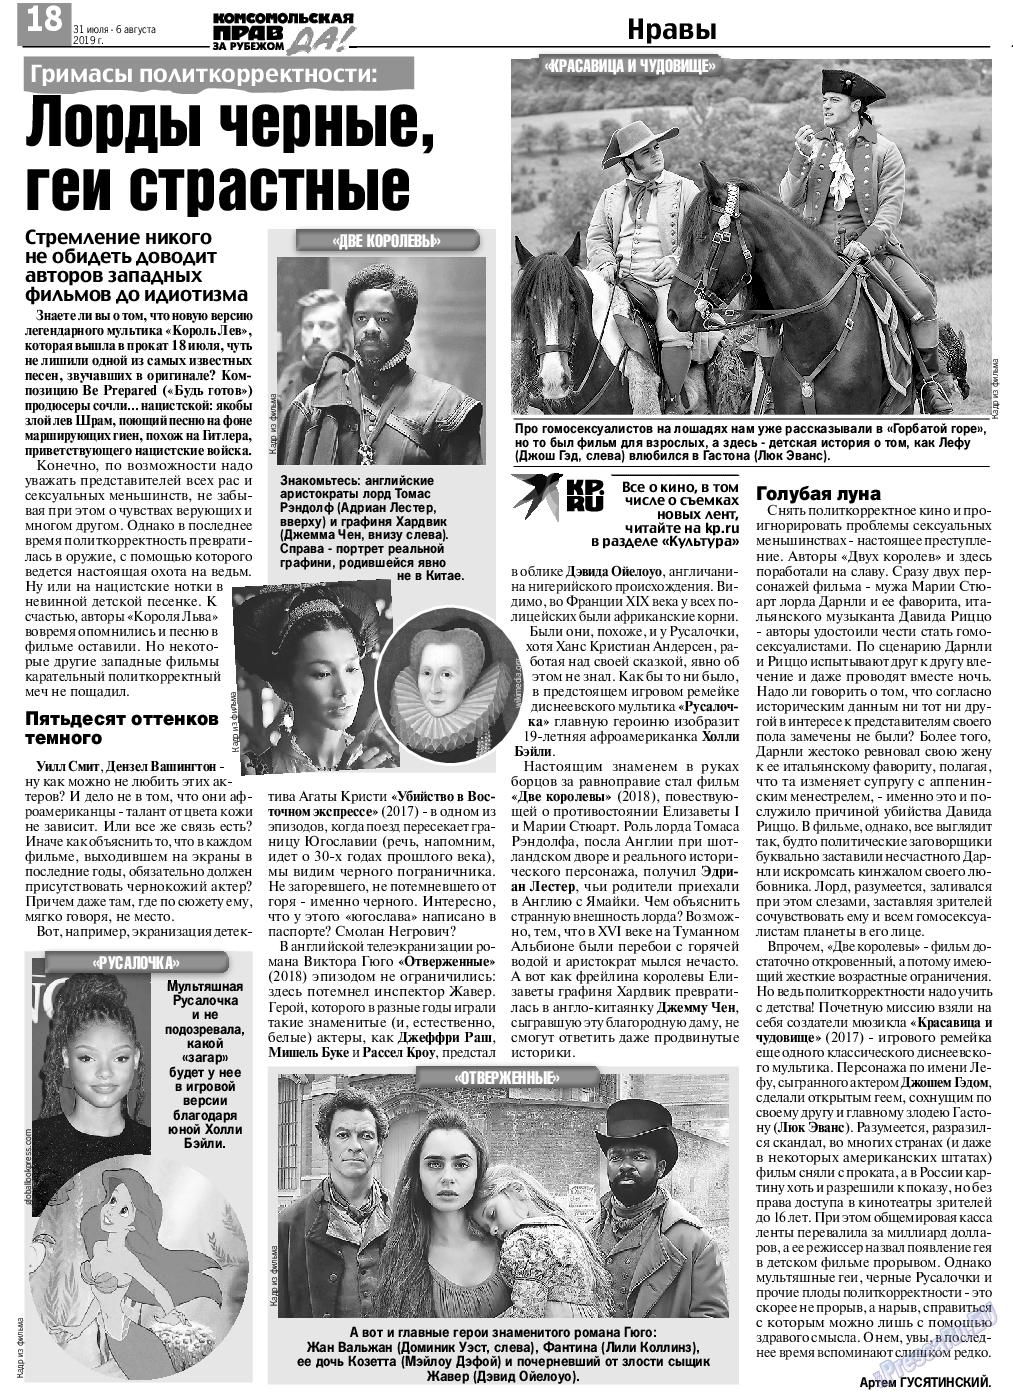 КП в Европе (газета). 2019 год, номер 31, стр. 18